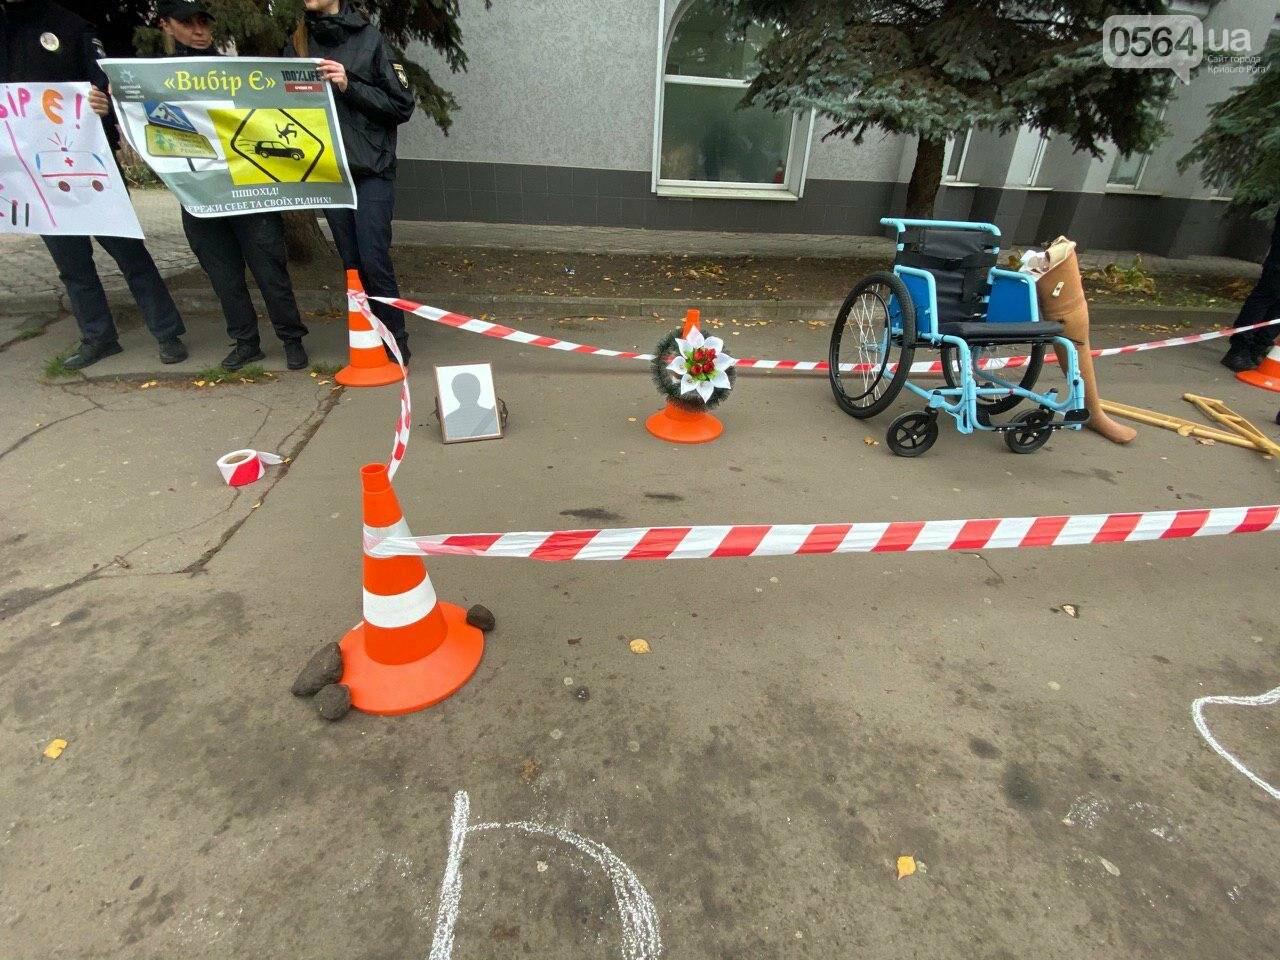 На центральном проспекте в Кривом Роге устроили молчаливый протест, - ФОТО, ВИДЕО, фото-18